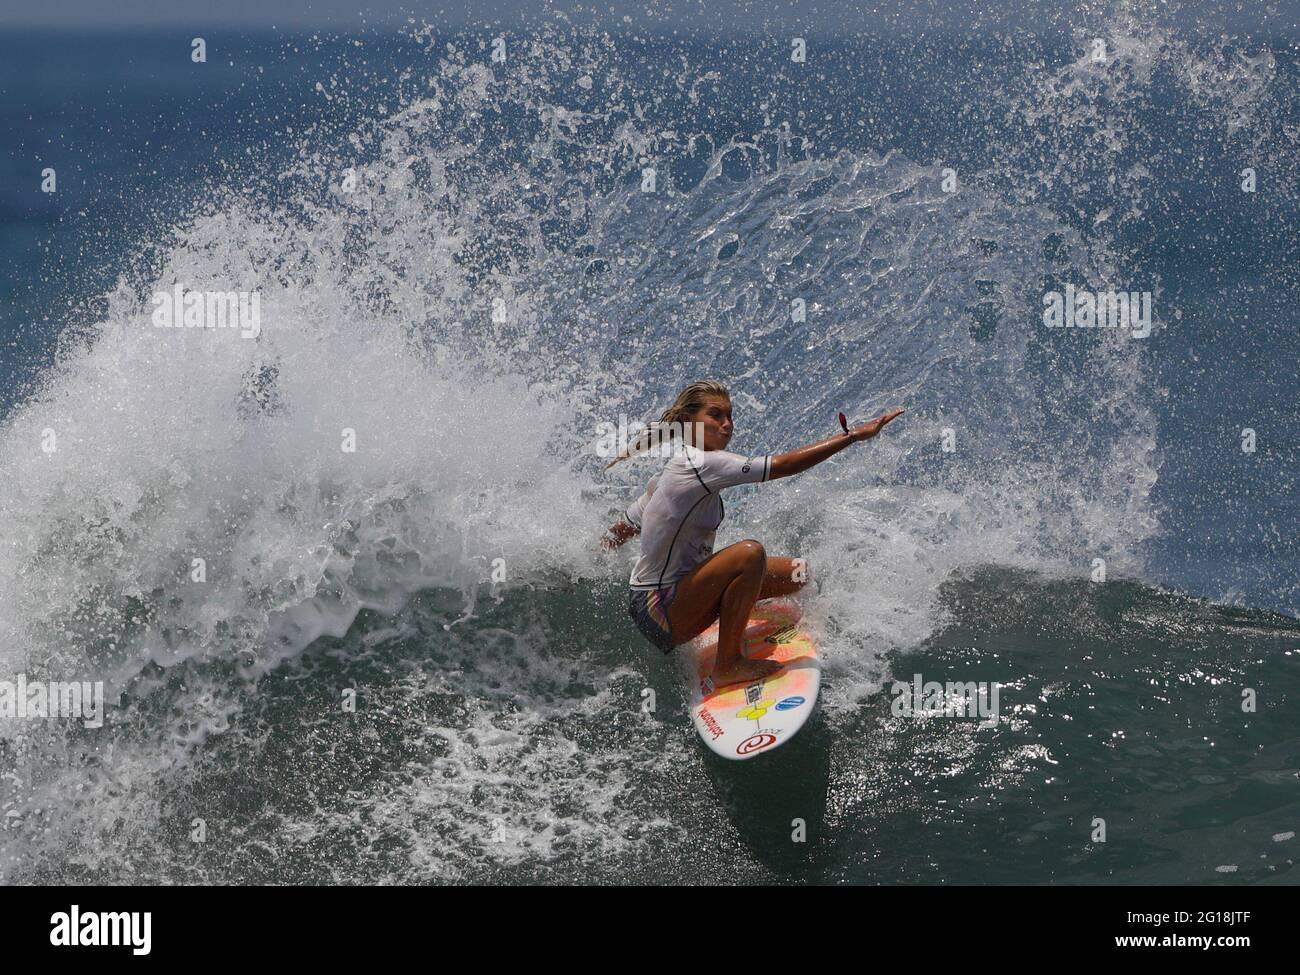 Surfen - ISA World Surfing Games 2021 - La Bocana Beach, Tamanique, El Salvador - 5. Juni 2021 Costa Ricas Leilani McGonagle in Aktion REUTERS/Jose Cabezas Stockfoto